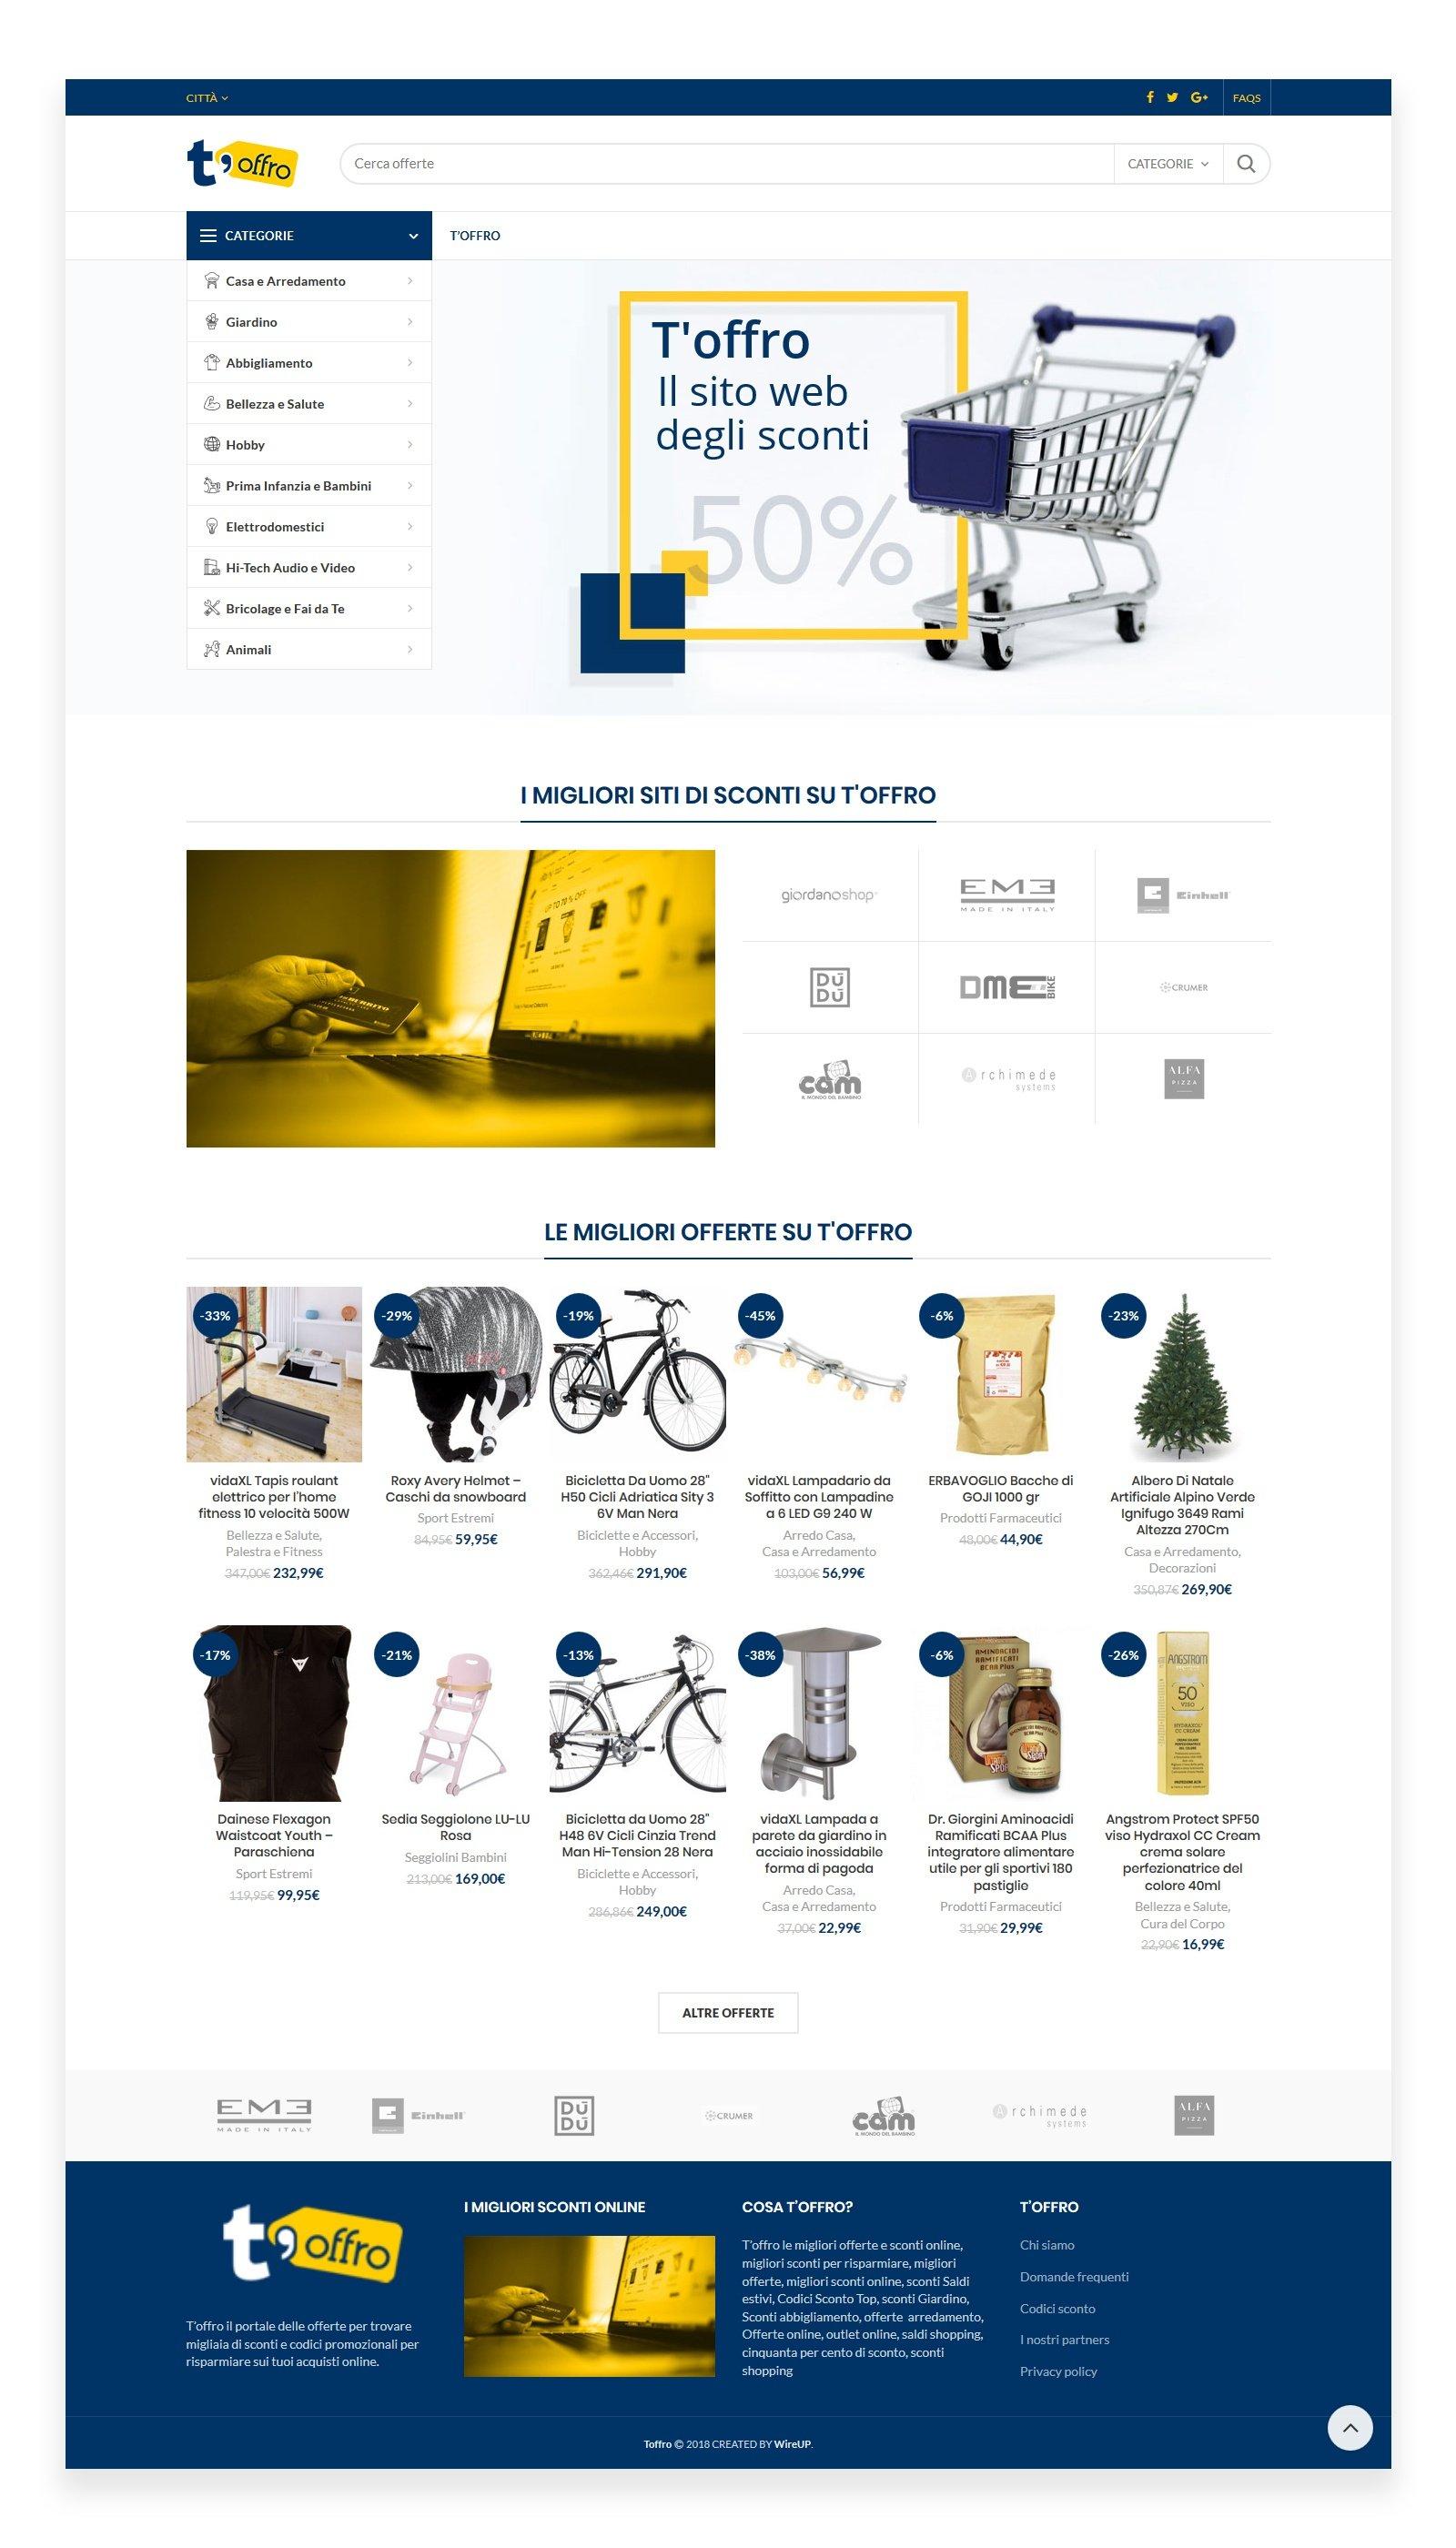 sito web e-commerc sconti toffro